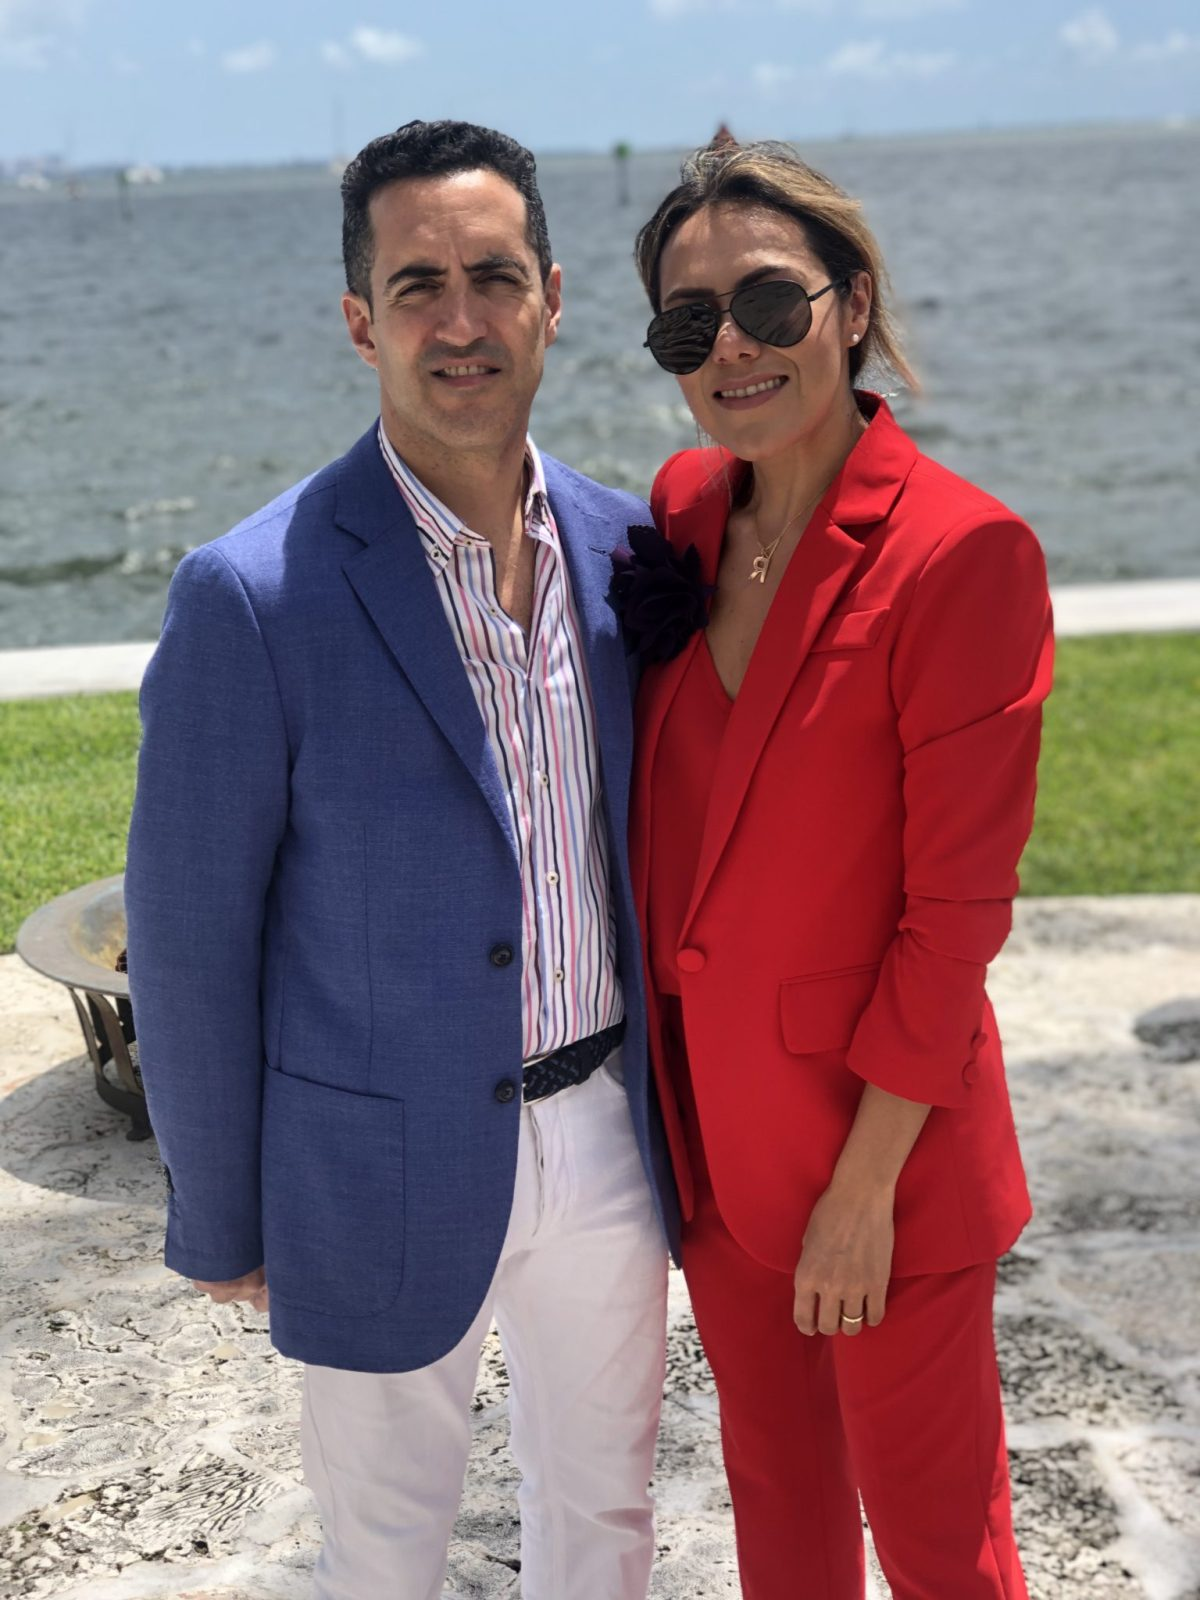 Mariano Lagos & Raquel Orozco